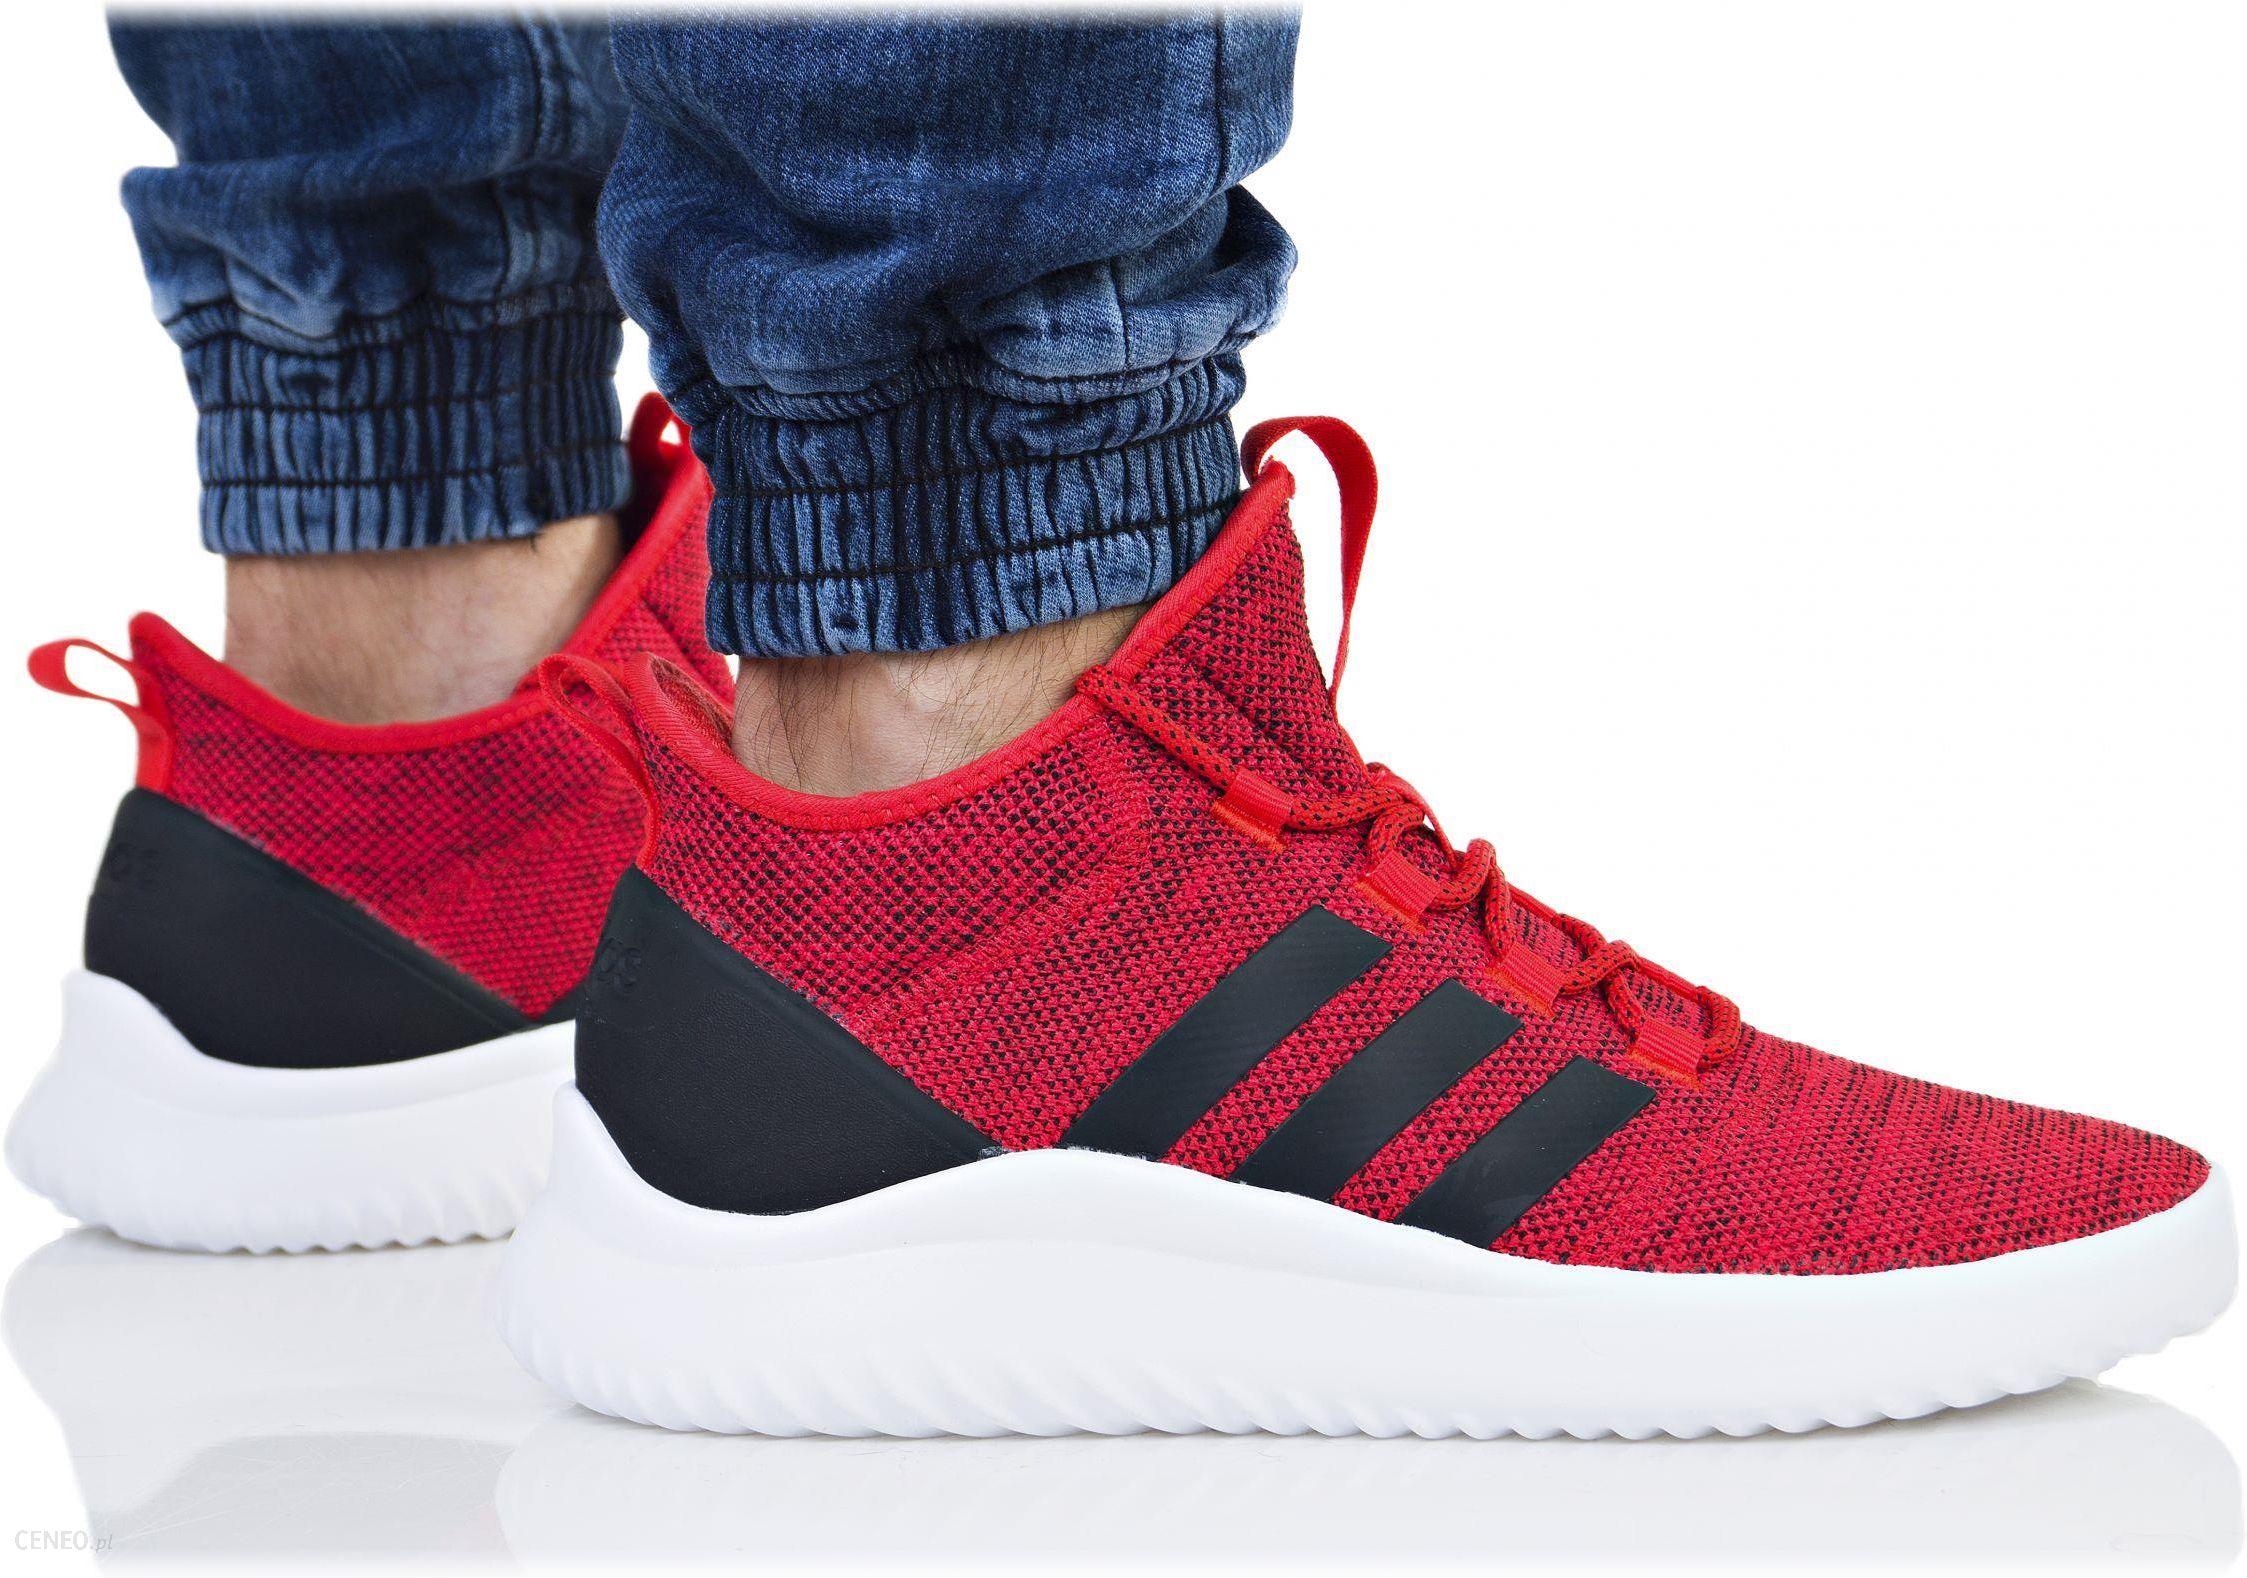 Buty adidas m?skie ultimate bball da9652 czerwone Galeria